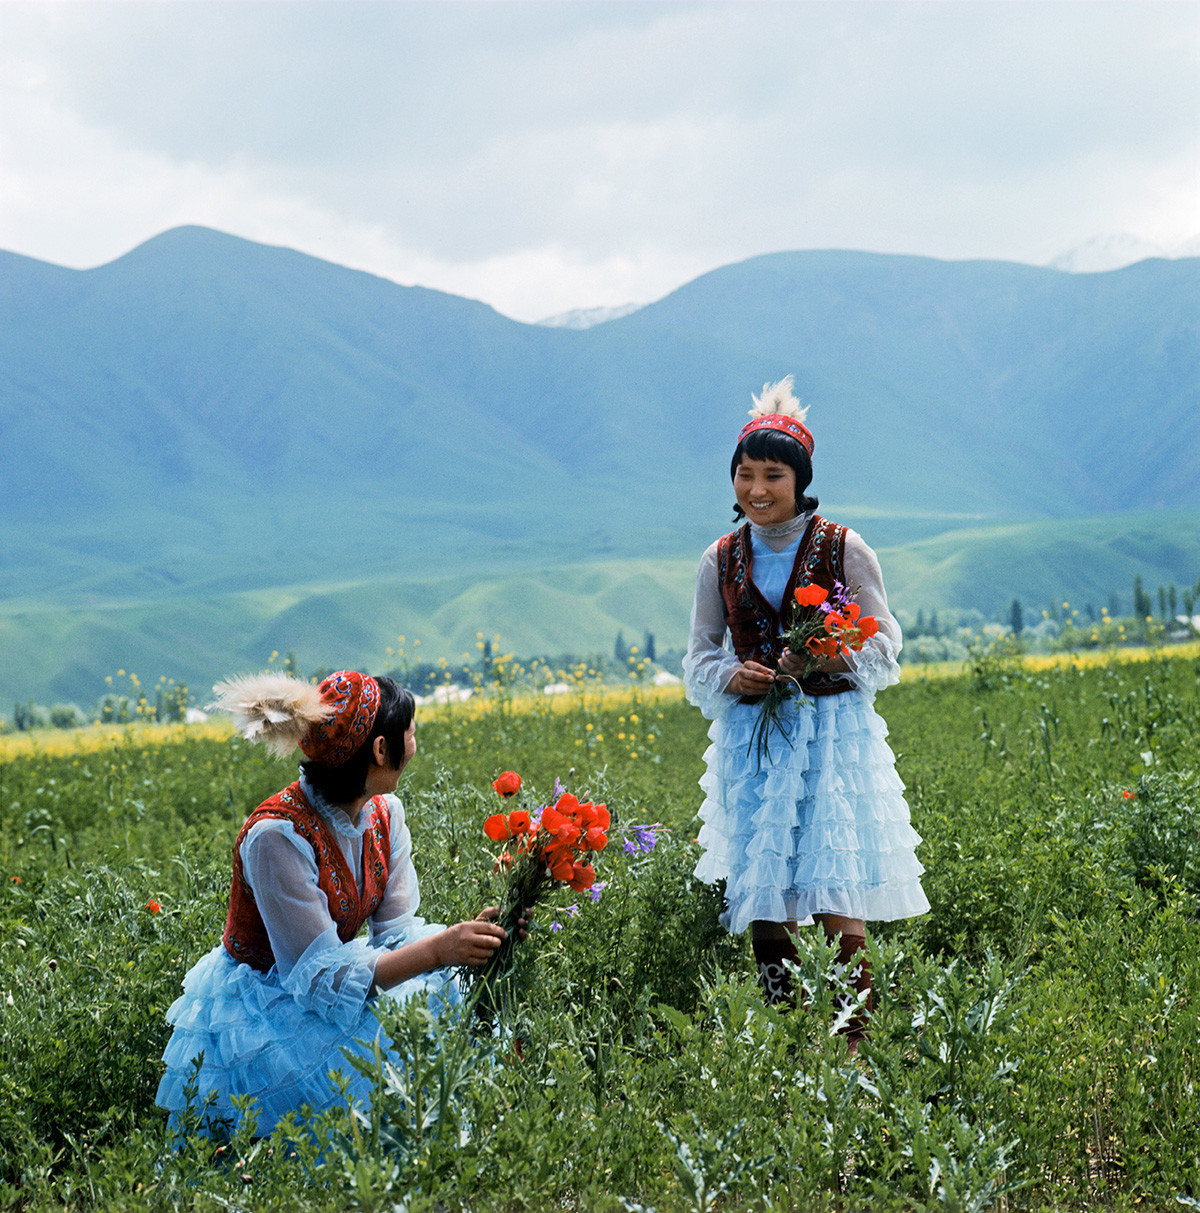 Jovens quirguizes em vestidos tradicionais